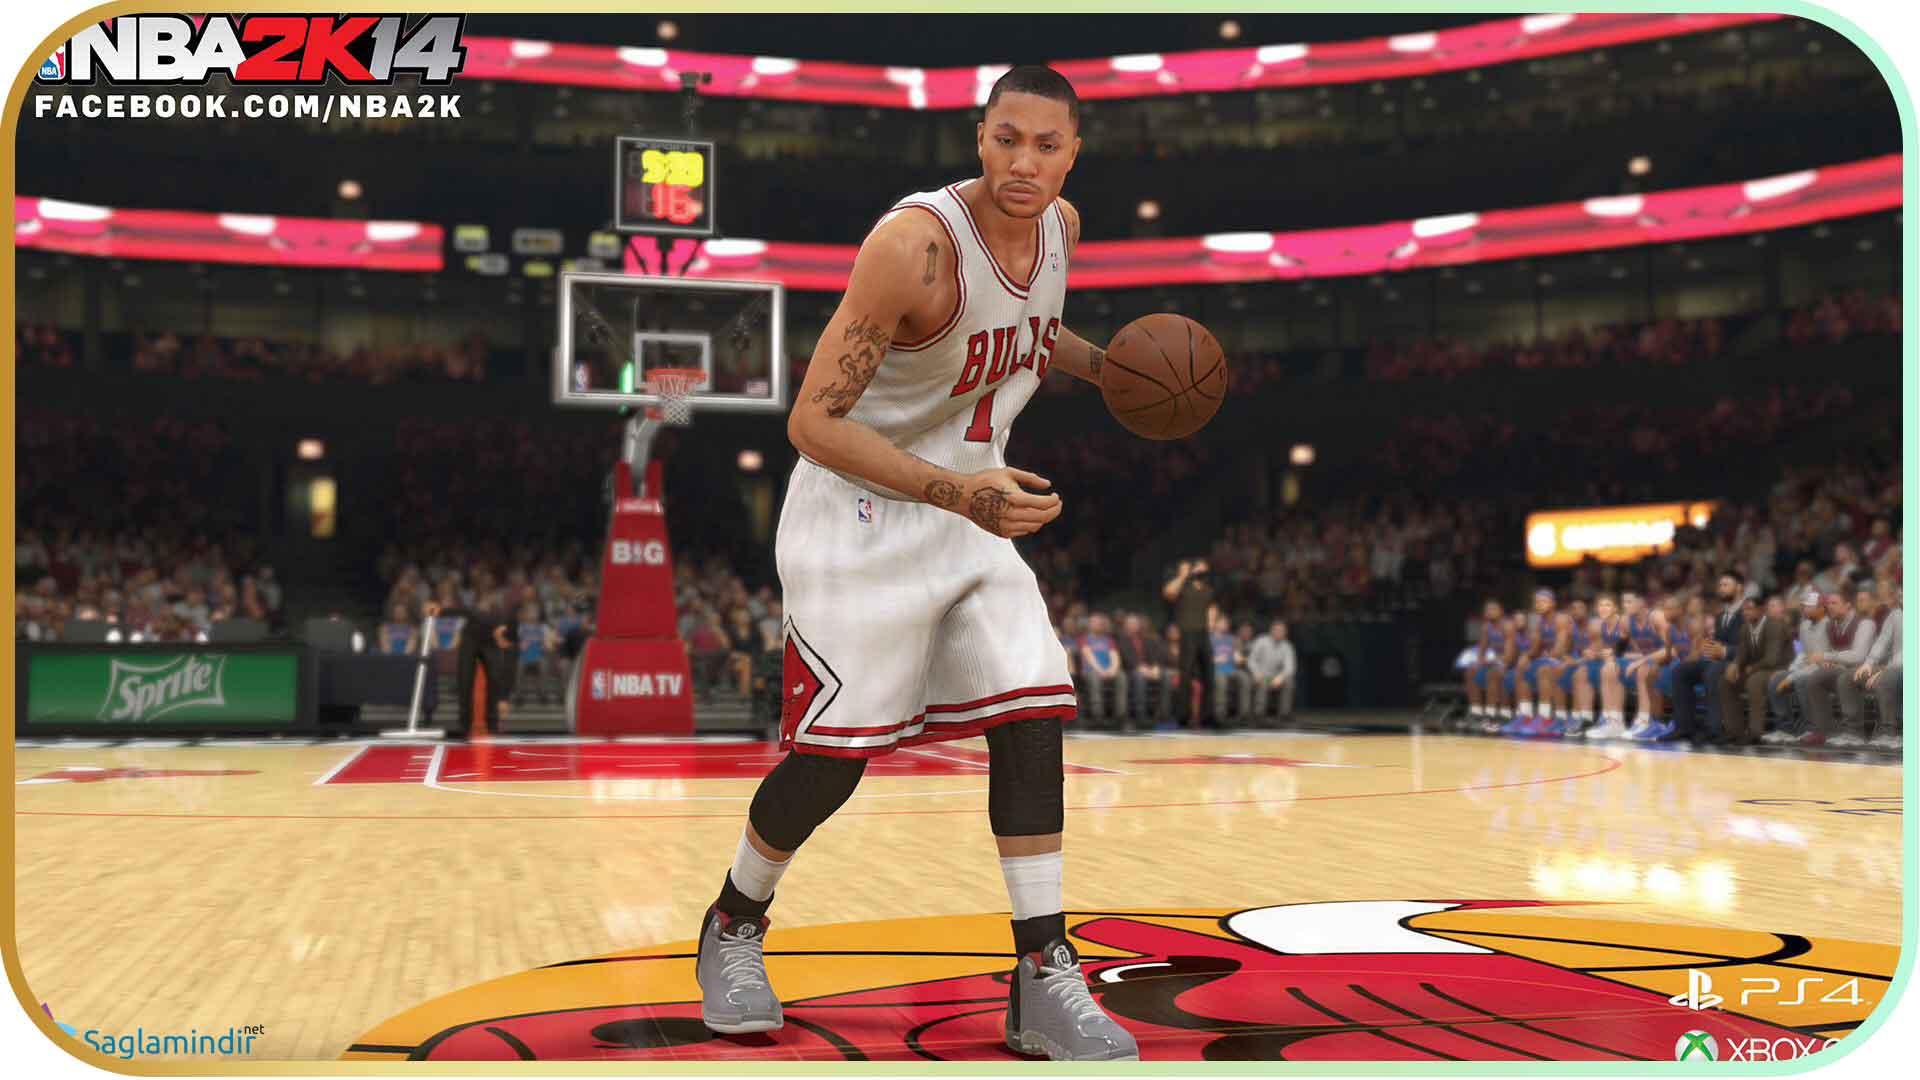 NBA 2K14 saglamindir